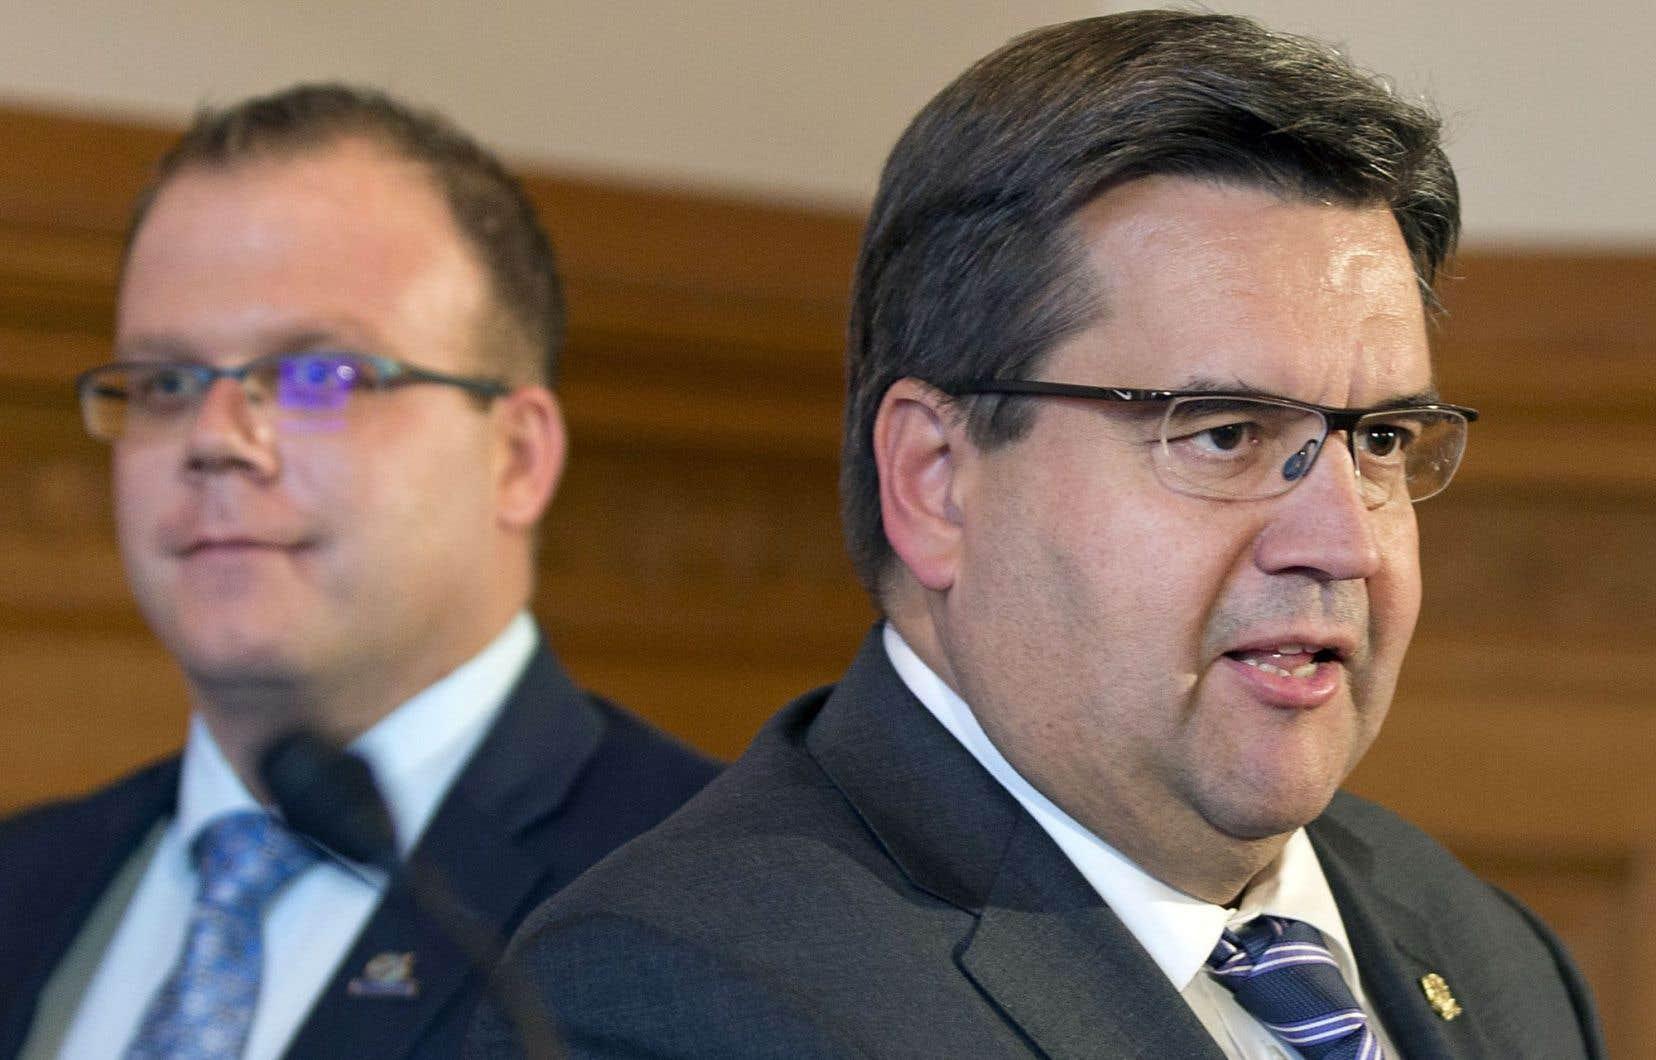 Le maire de Montréal, Denis Coderre (à droite), était accompagné du maire des Îles-de-la-Madeleine, Jonathan Lapierre.